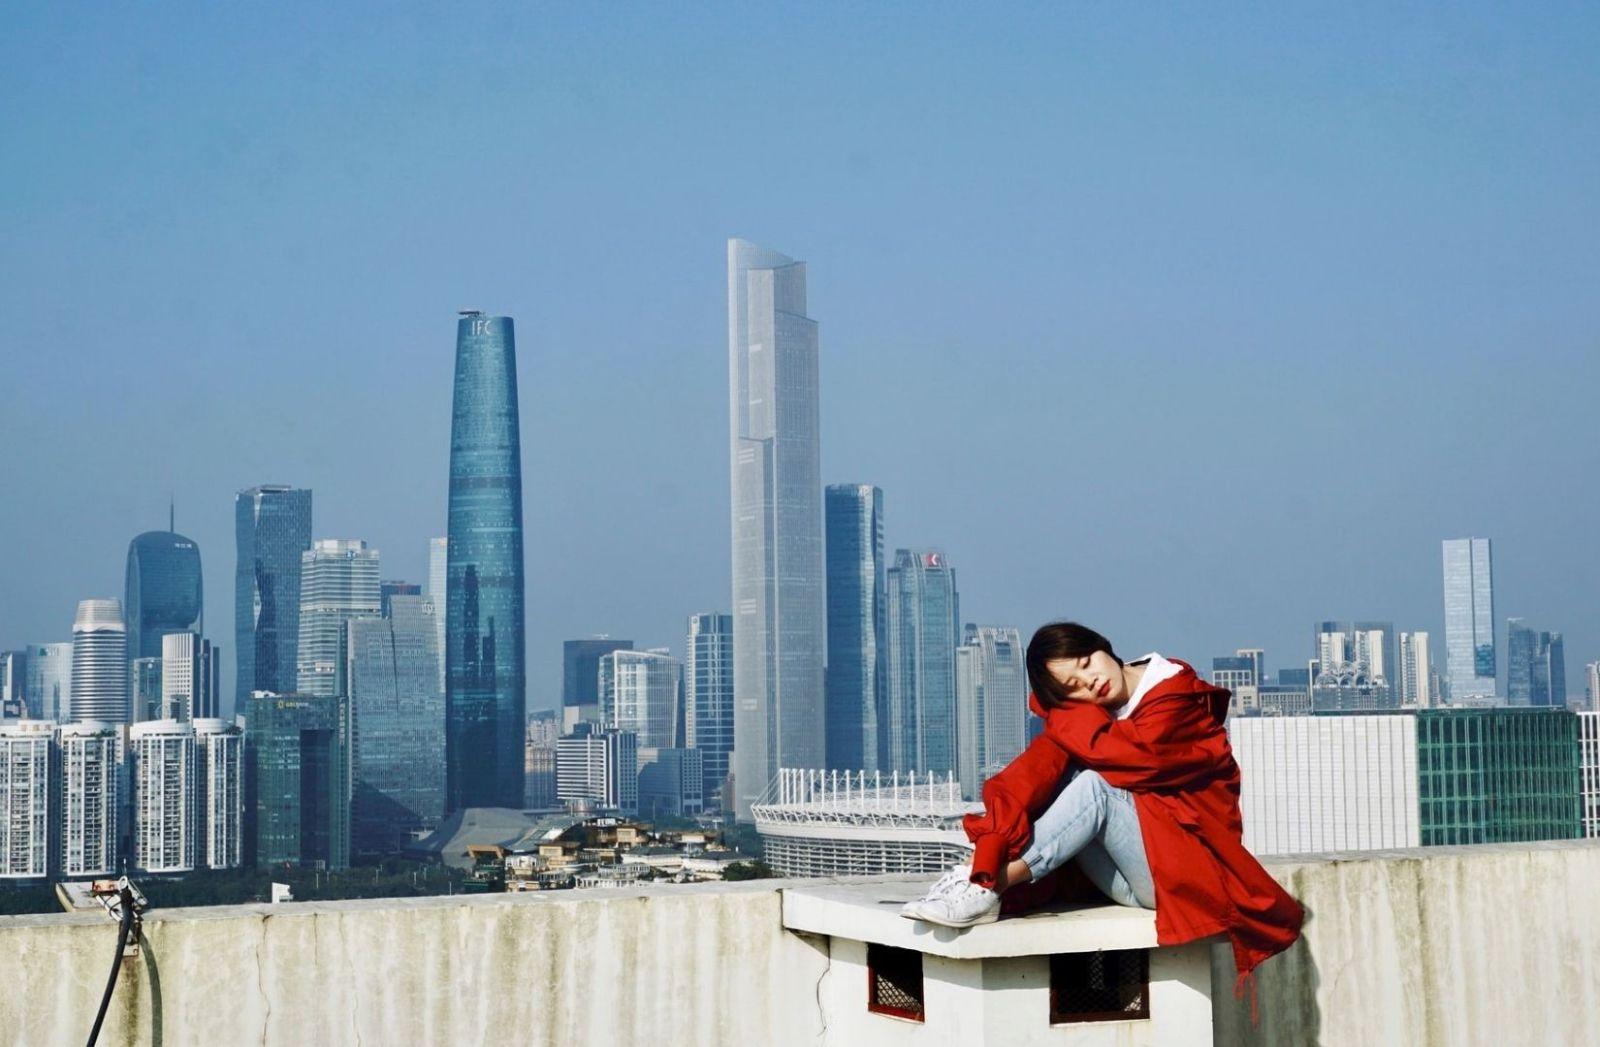 Das Infektionsgeschehen beeinflusst alle Gesellschaften. Die Metropole guangzhou in China. (Symbolfoto Leon Li, Unsplash.com)